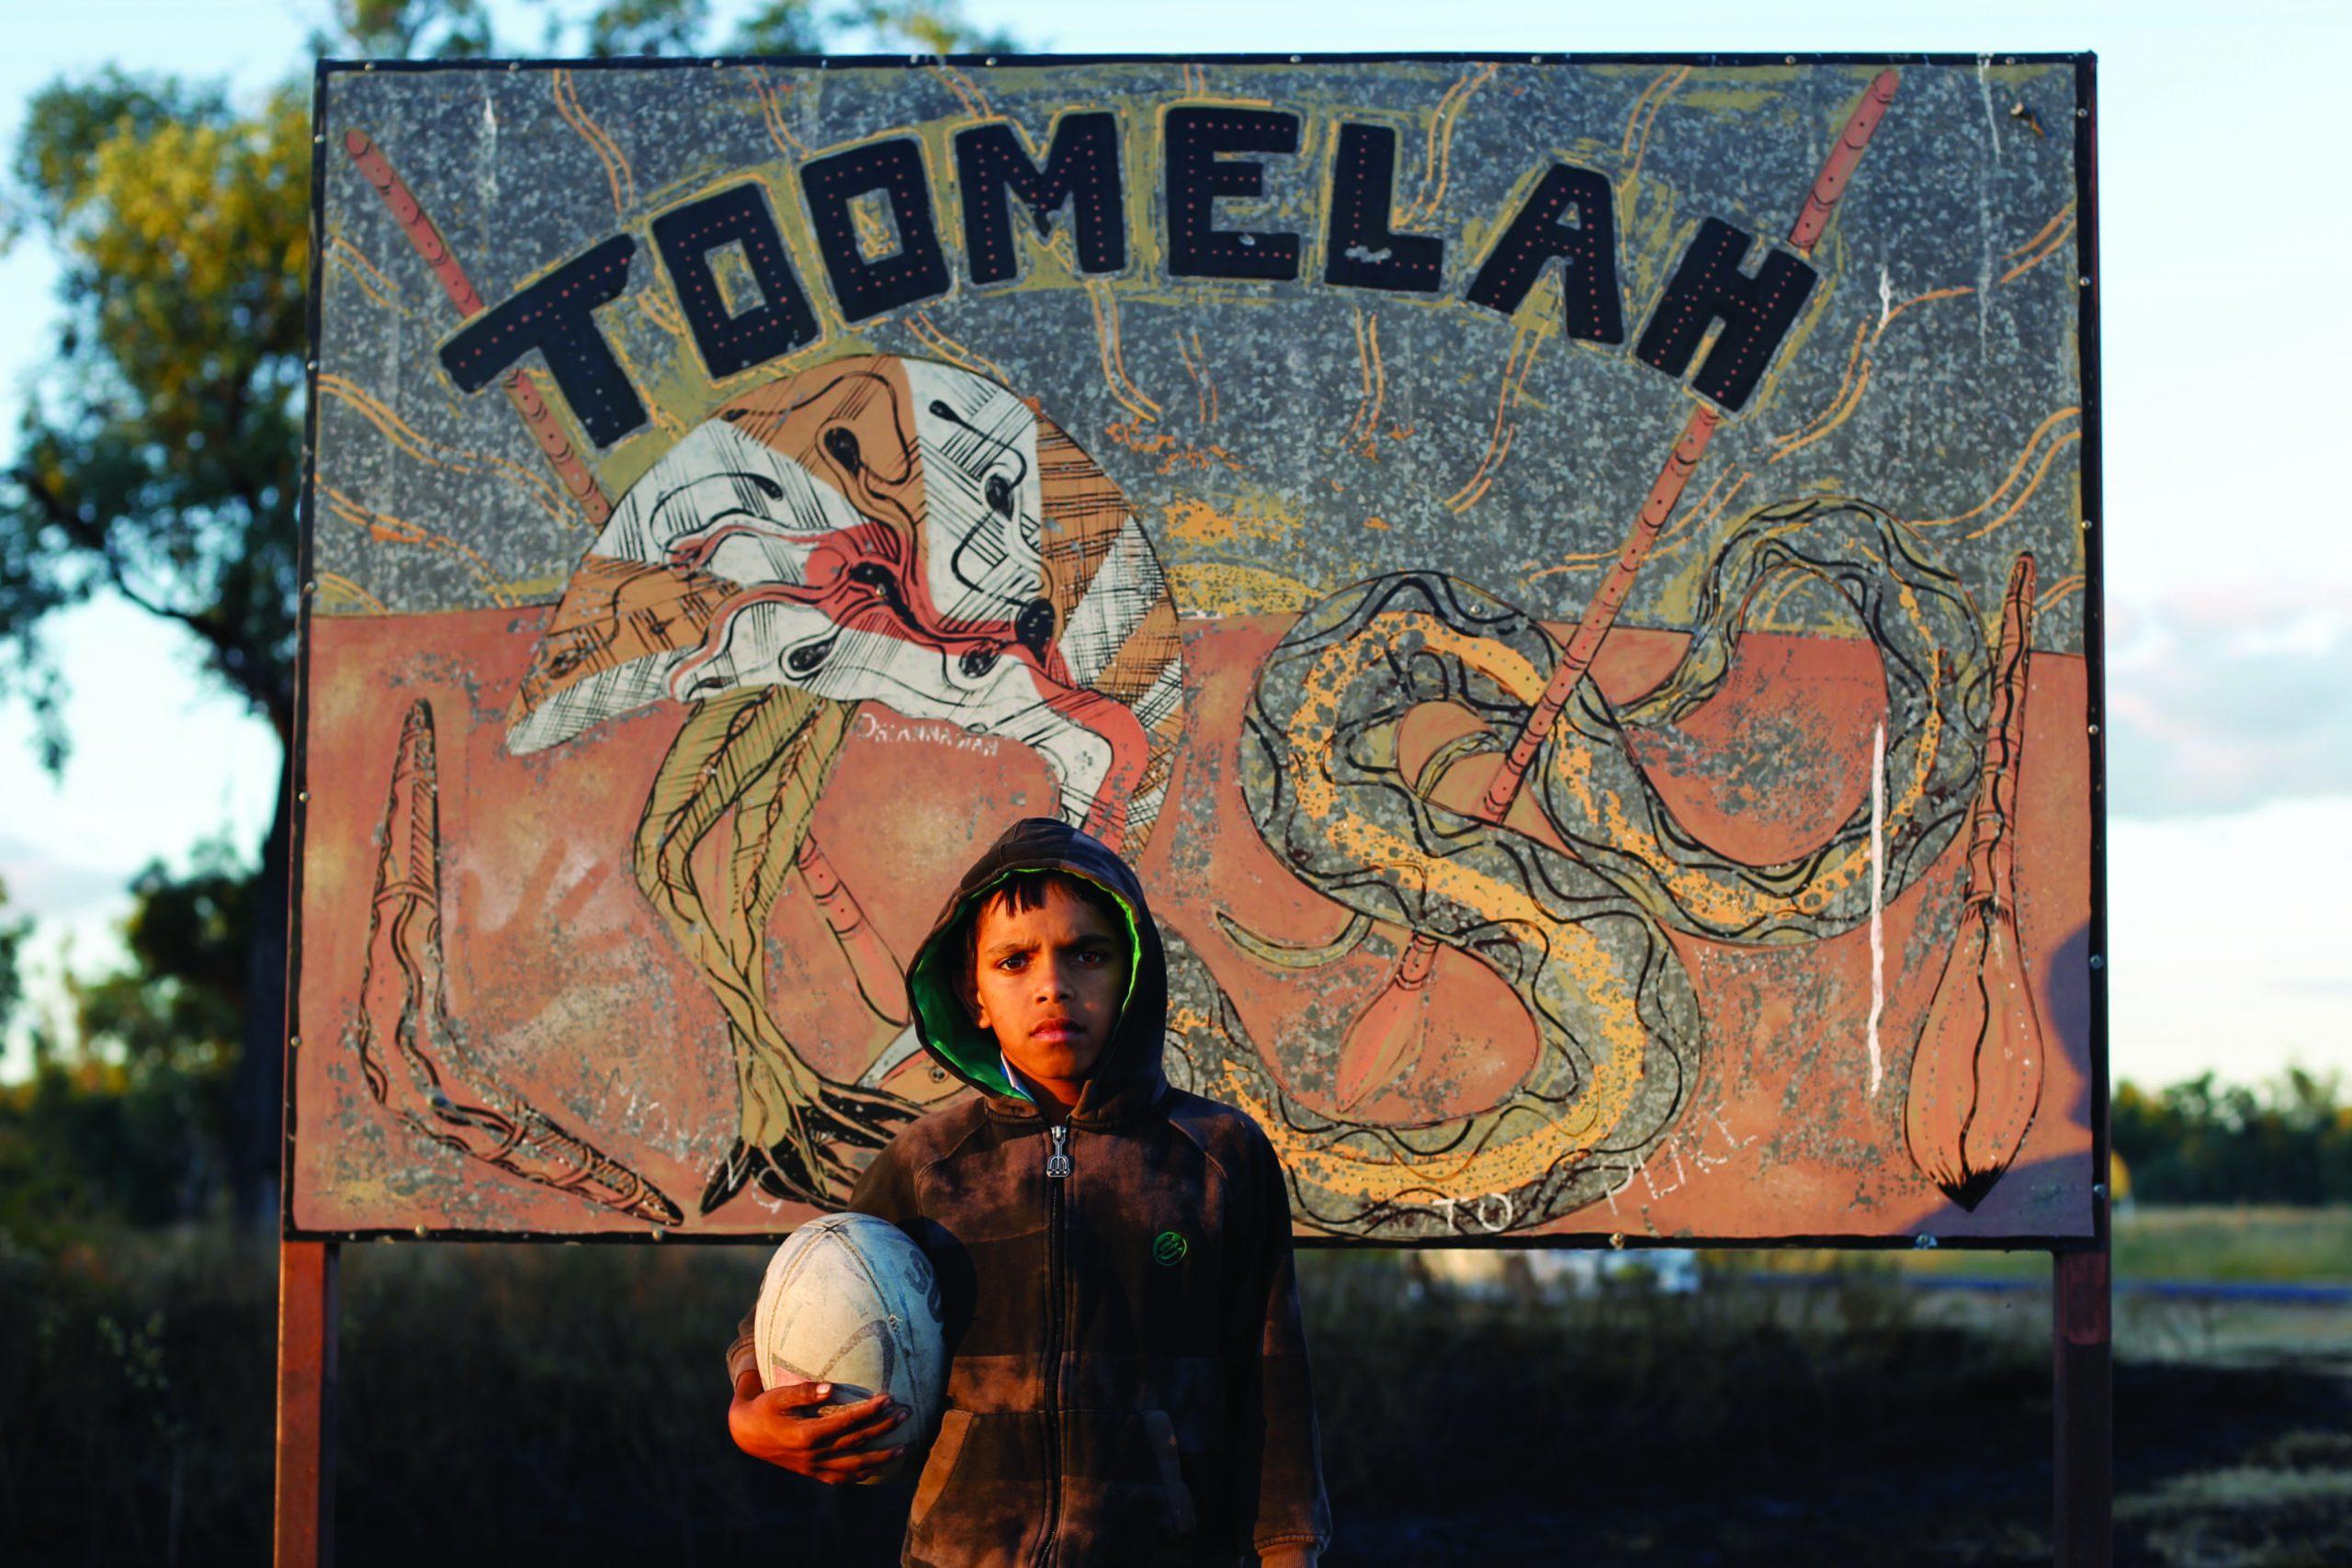 GOING NOWHERE IN TOOMELAH